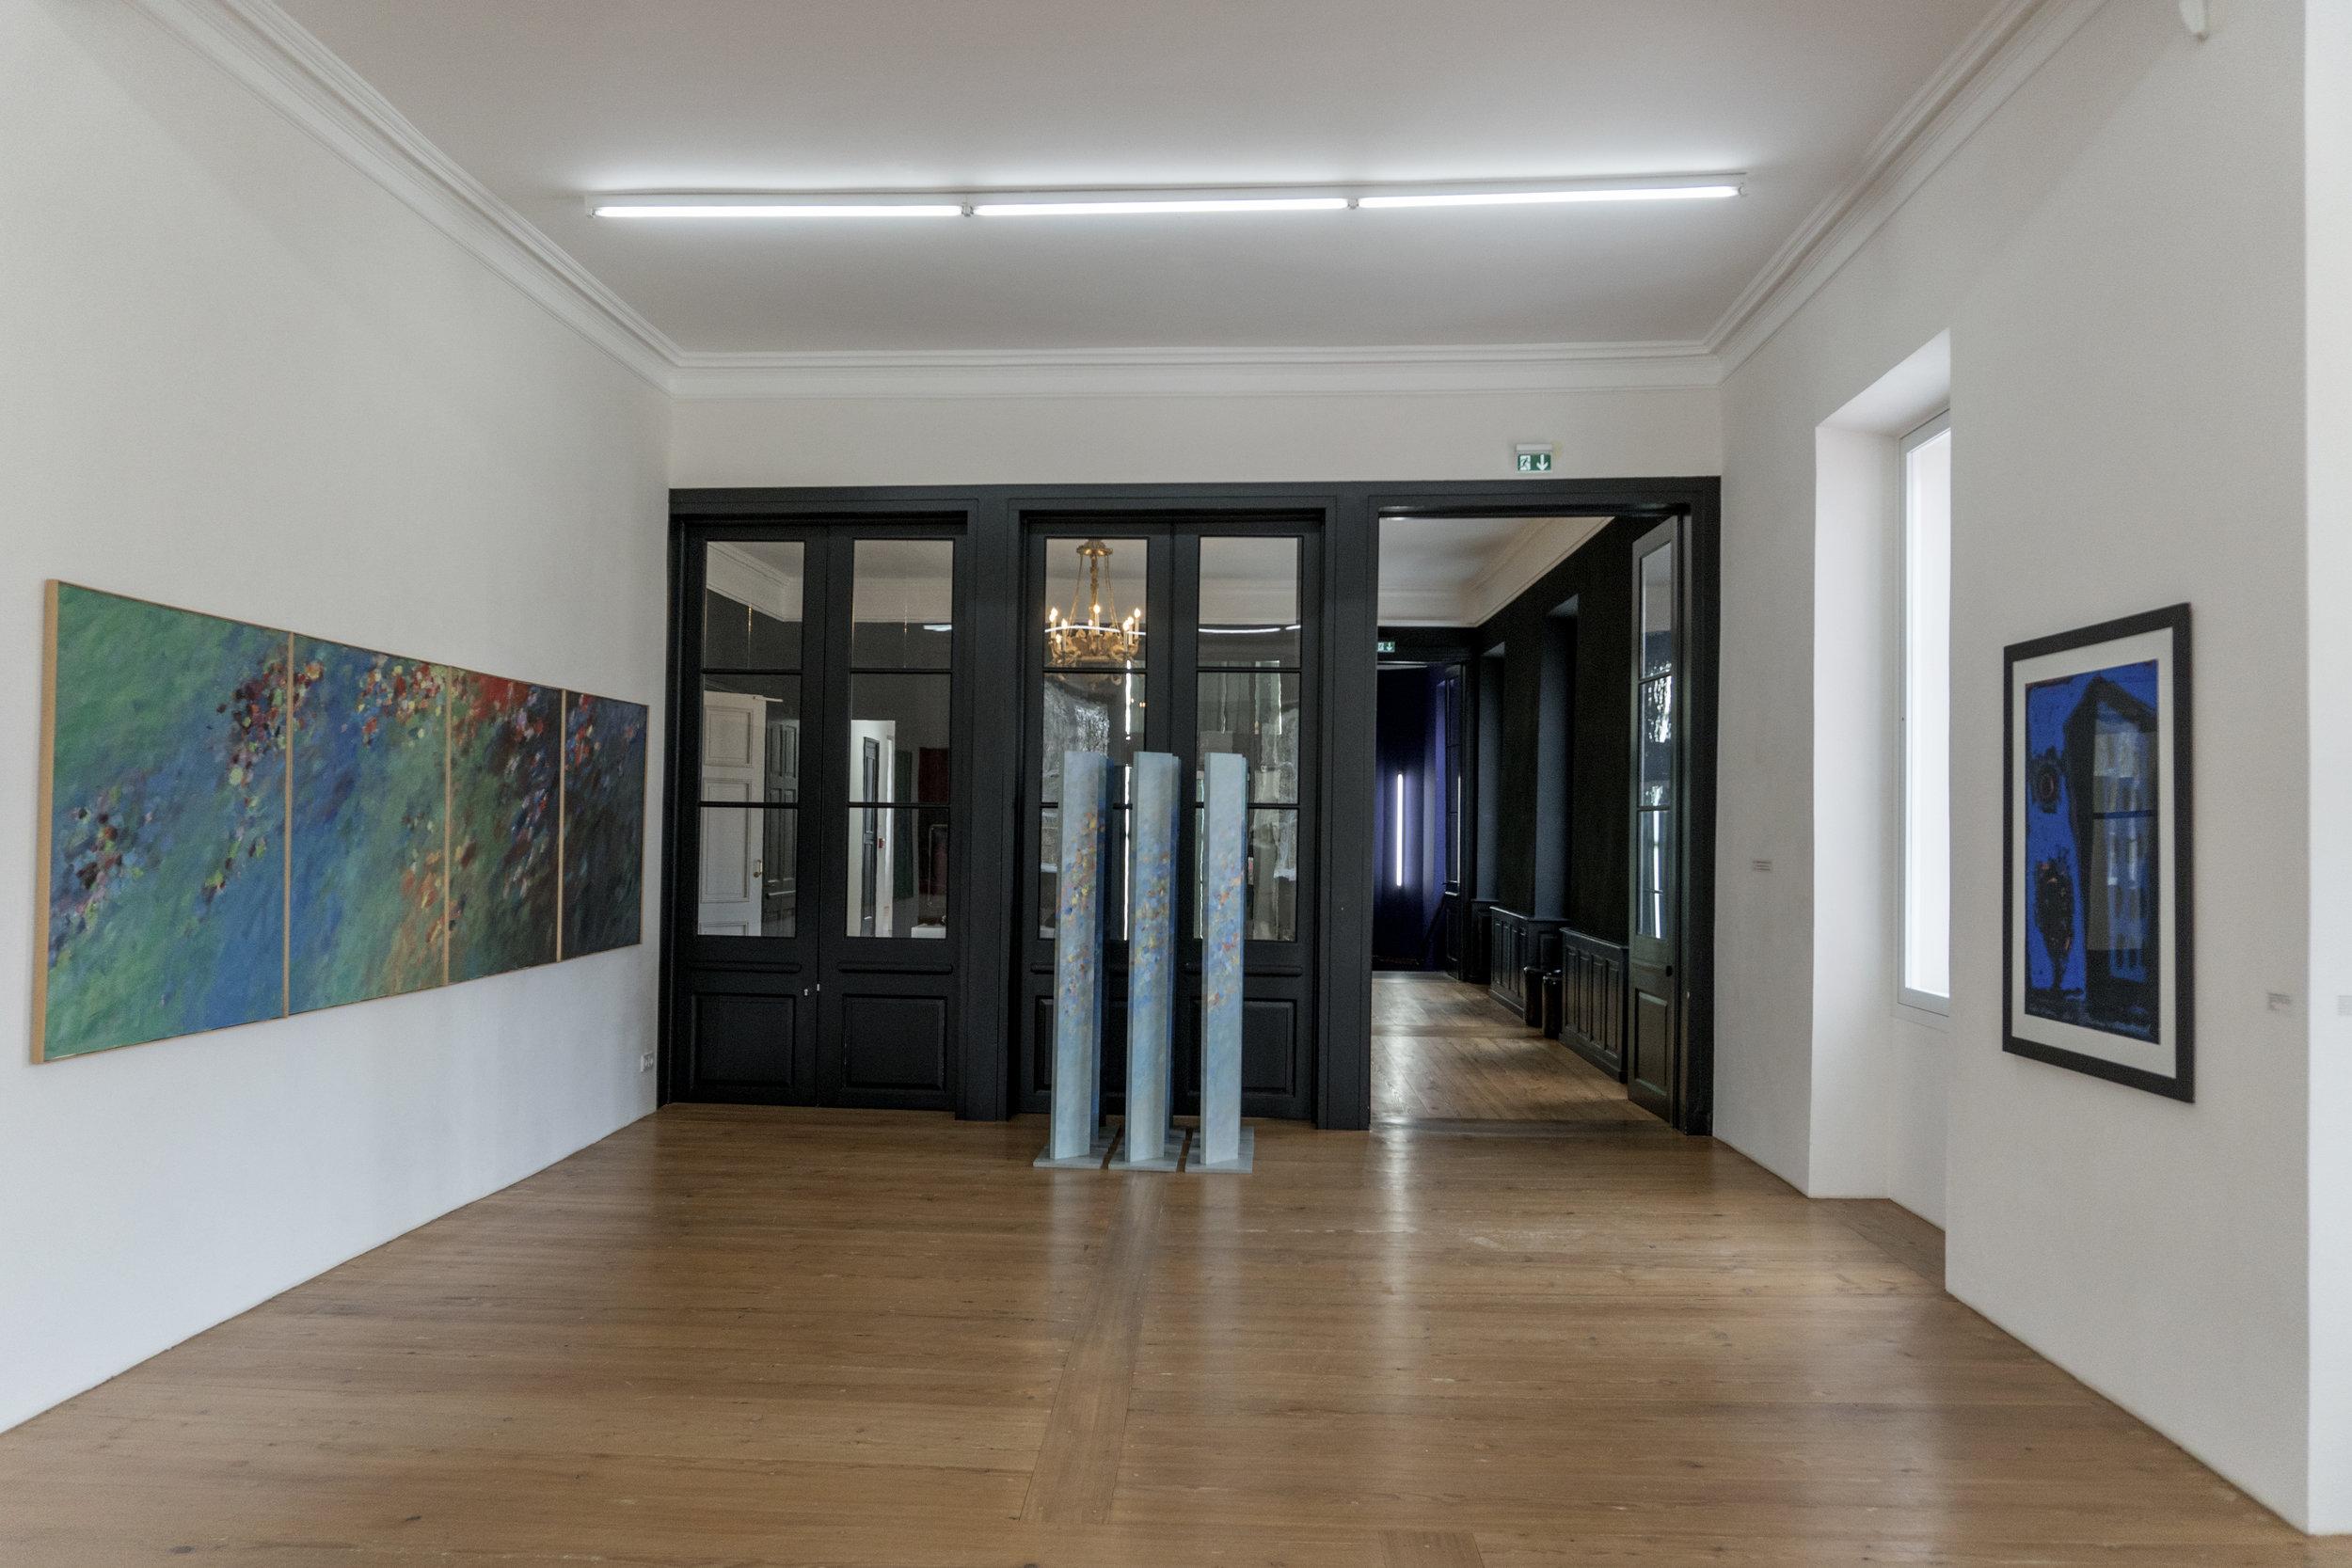 """Exposition  """"colorful. farbenfroh""""  (2018).  Emil Kiess : """"Malerei"""", 1988 (à gauche) et """"9 Farbsteien"""" 1987 (au centre)"""